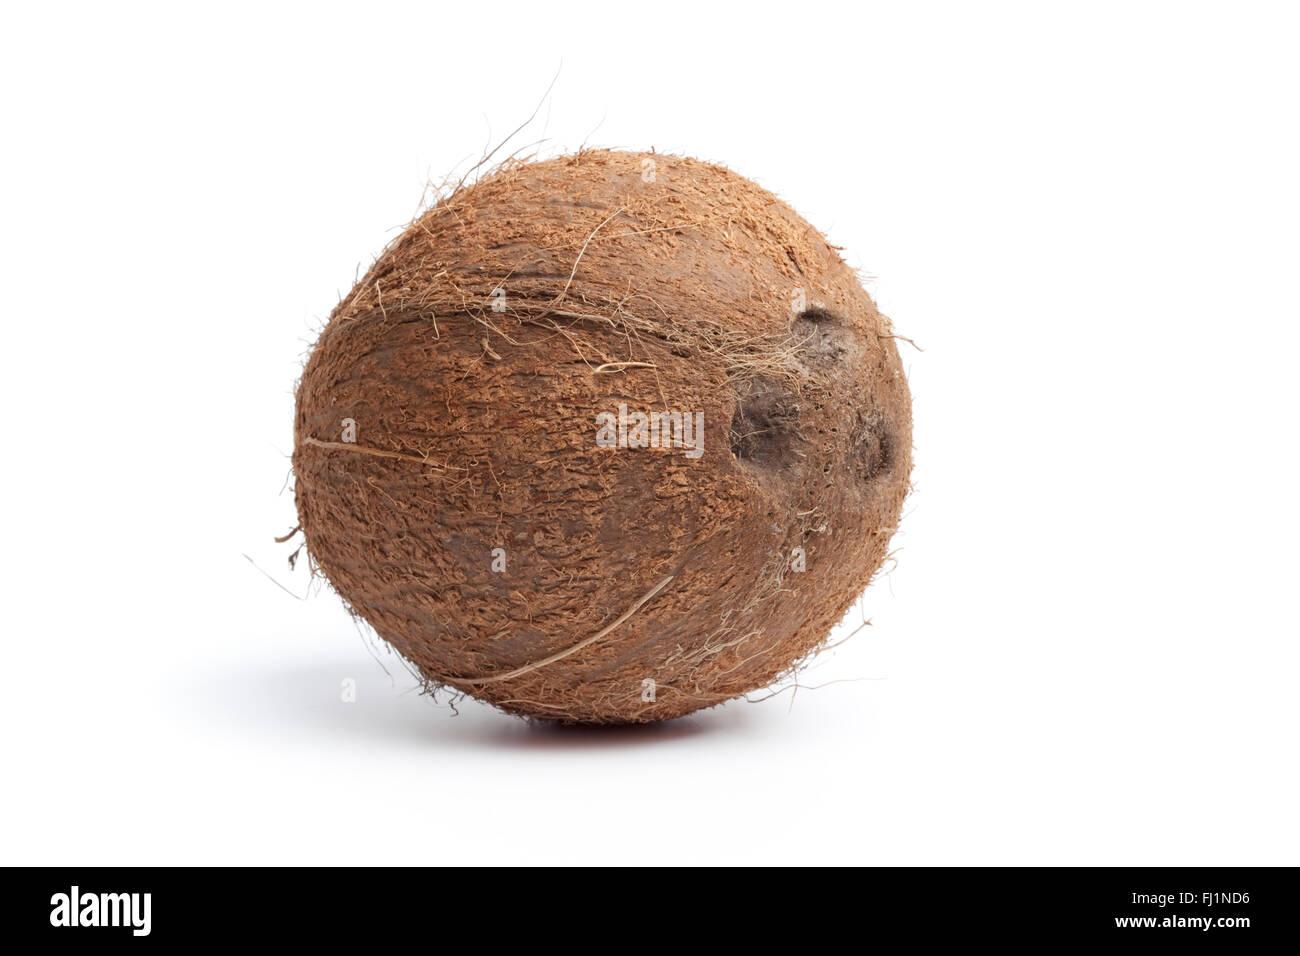 Whole single fresh coconut isolated on white background - Stock Image